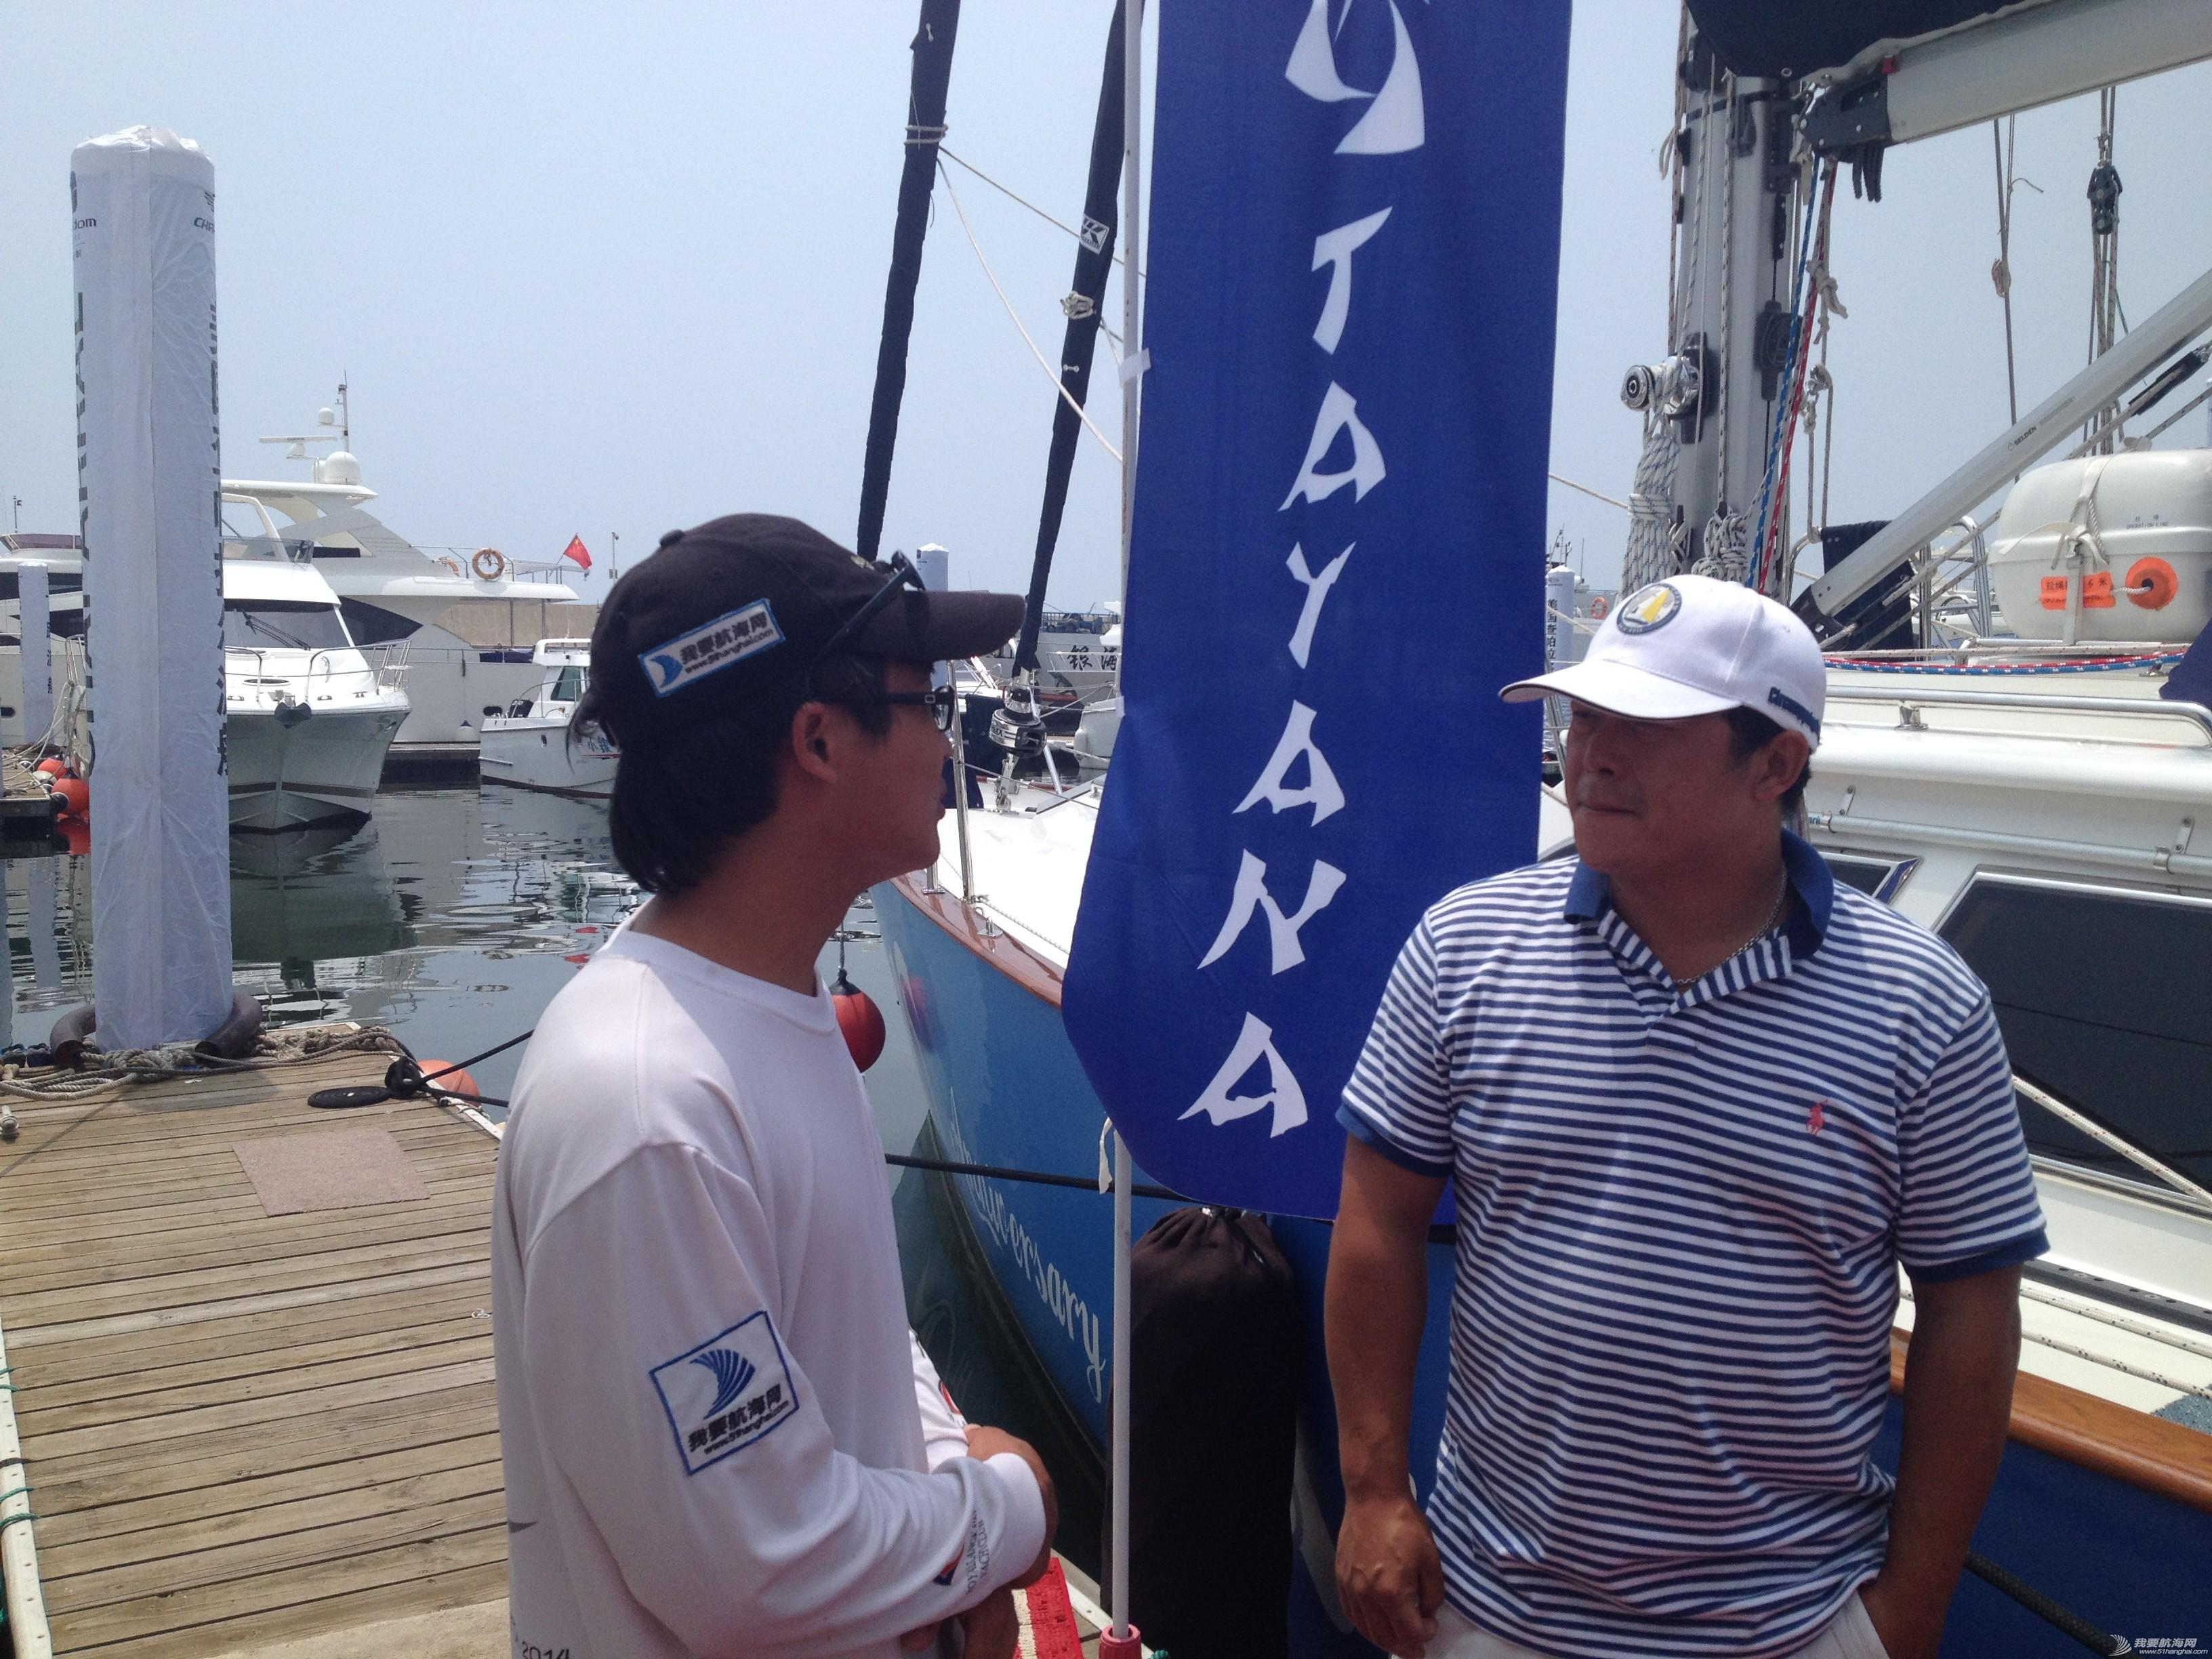 薛家平拜访7月即将开始环球航行的高民船长并交流航海路线 IMG_5098.JPG